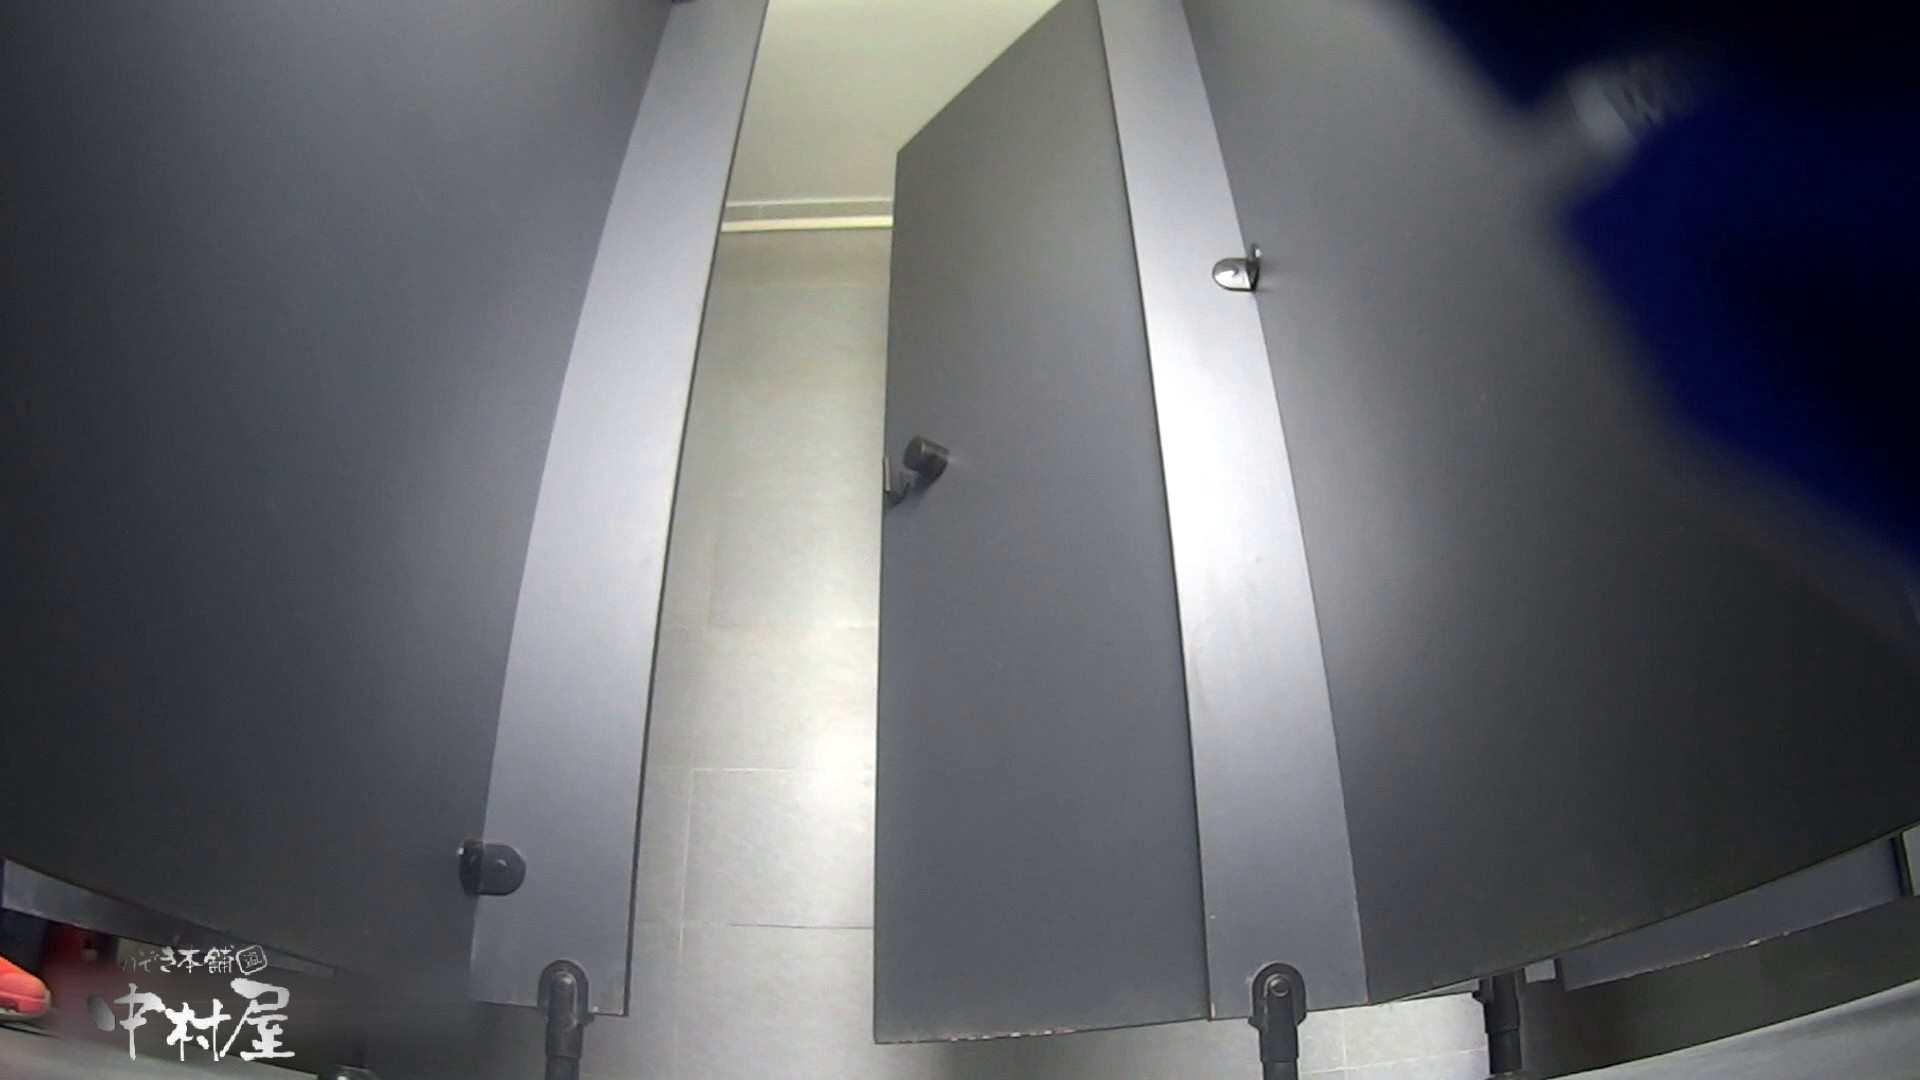 ツンデレお女市さんのトイレ事情 大学休憩時間の洗面所事情32 0  102pic 84